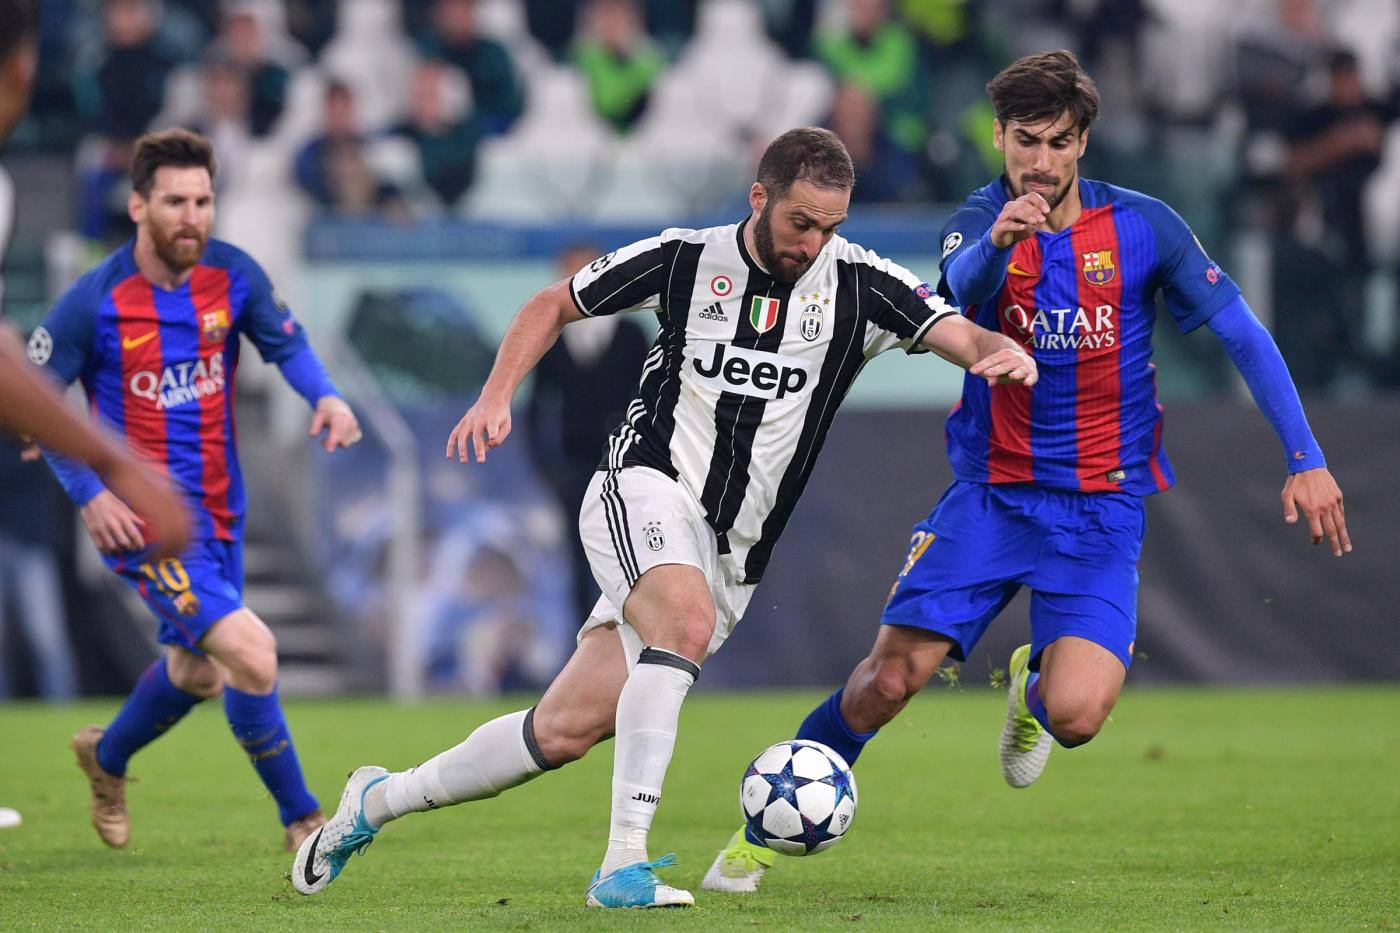 Barcellona Juventus: probabili formazioni, dove vedere la partita in diretta TV e in streaming